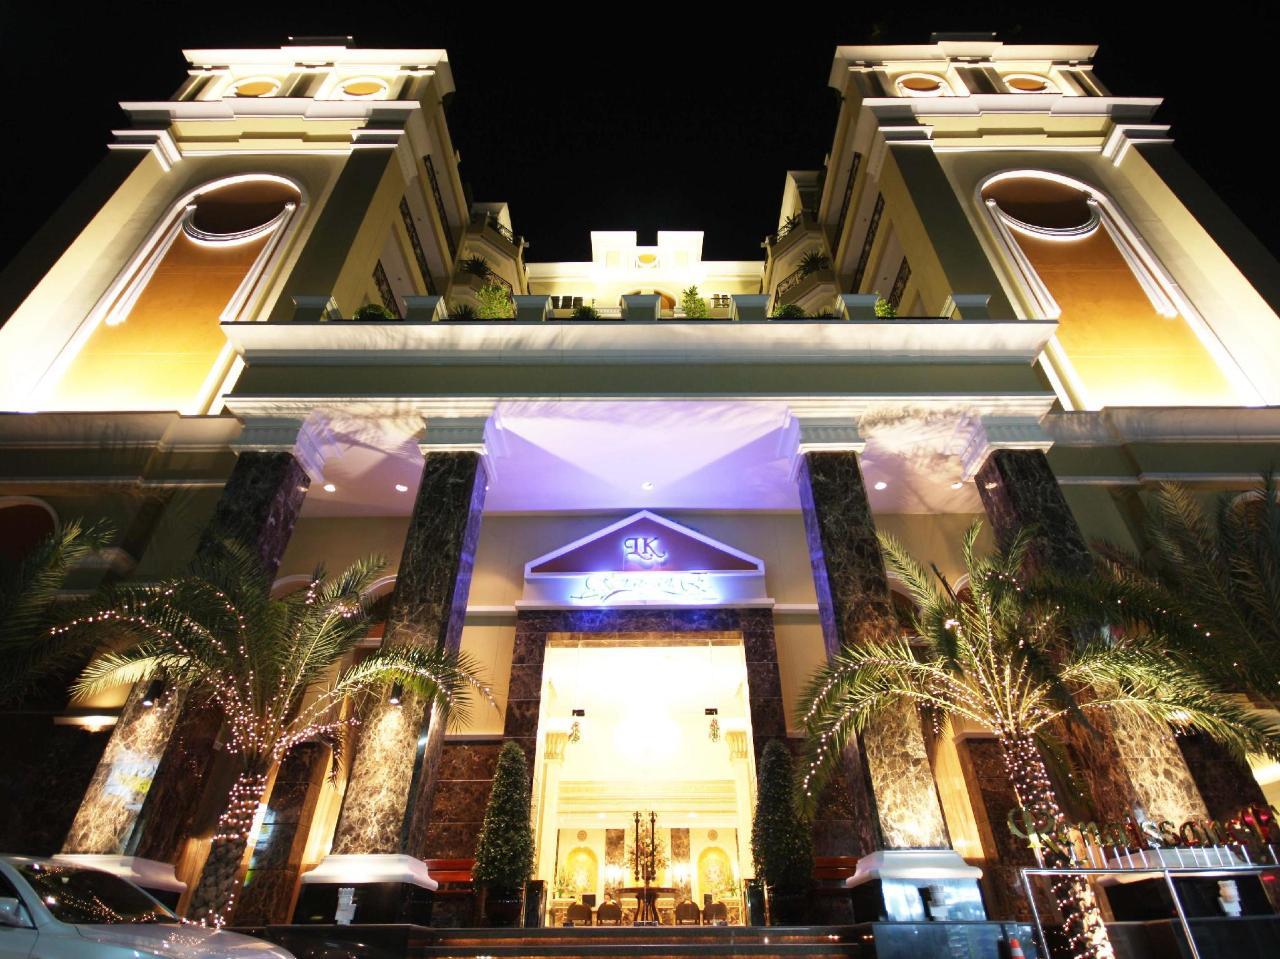 โรงแรมแอลเค เรอเนสซองส์ (LK Renaissance Hotel)